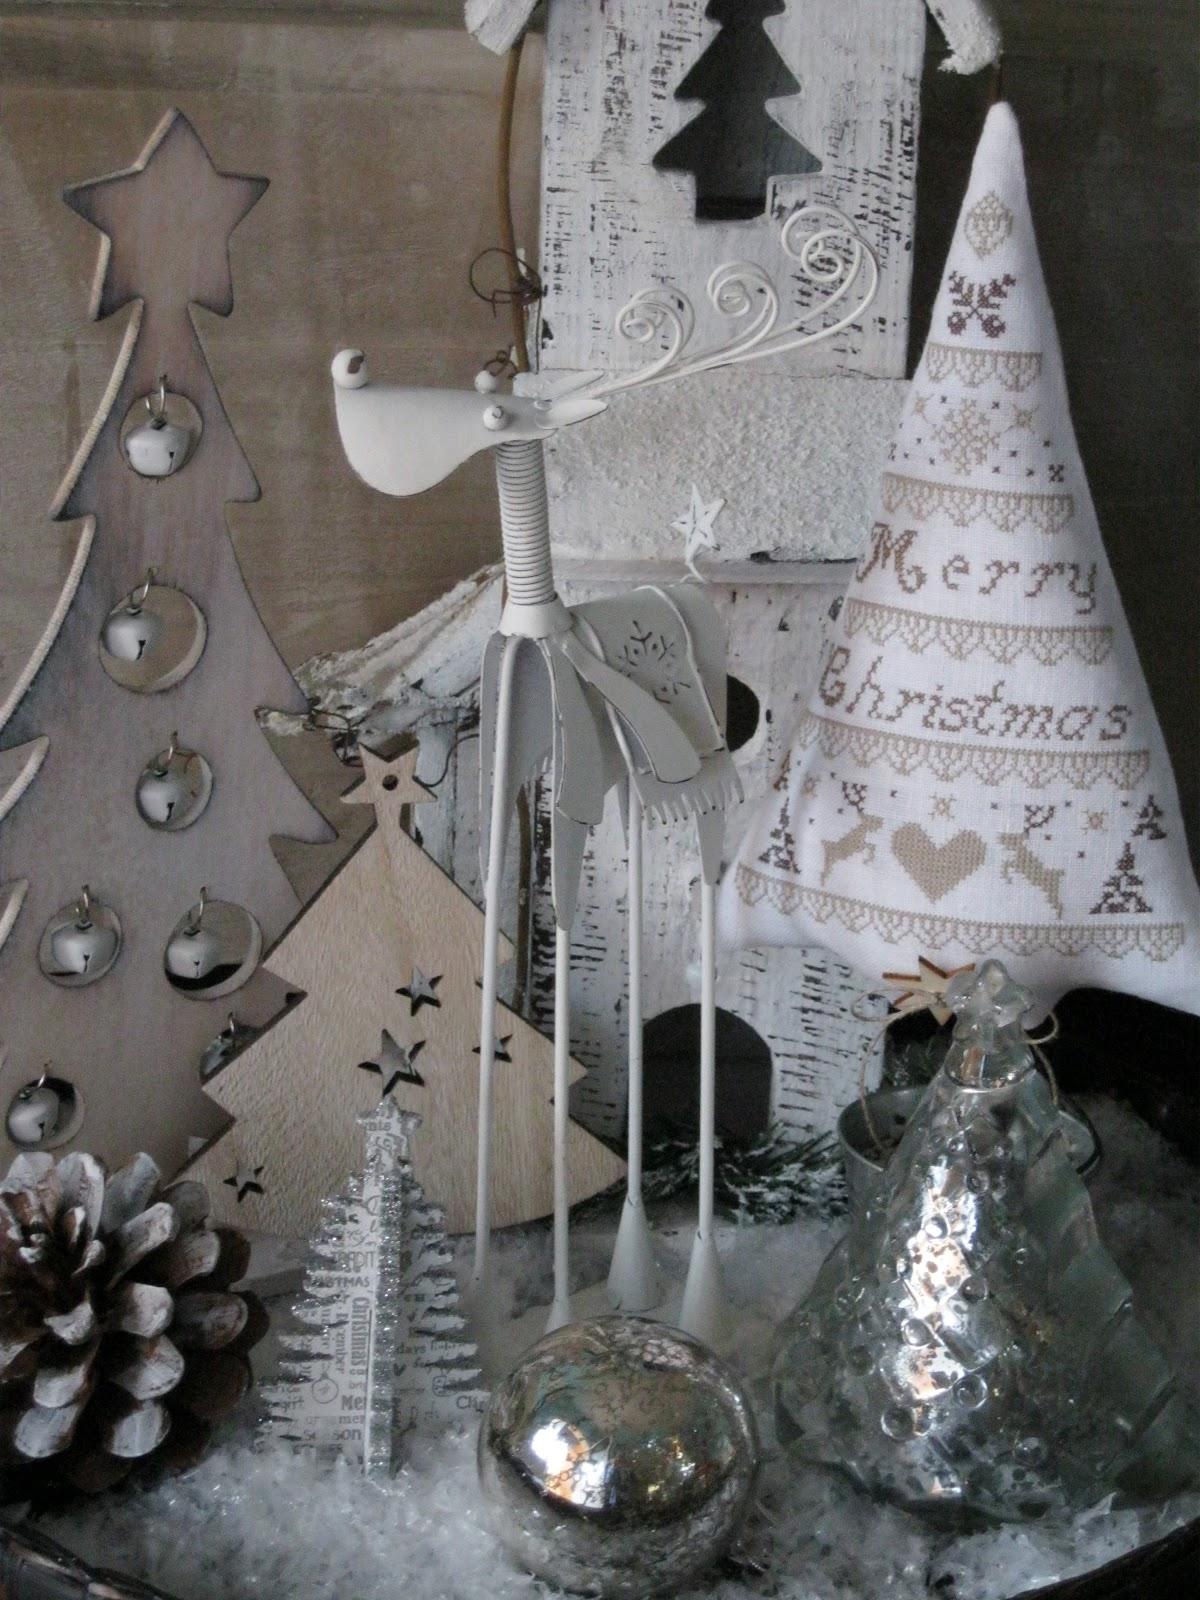 Les passions de clo a travers la fen tre for Decoration fenetre renne